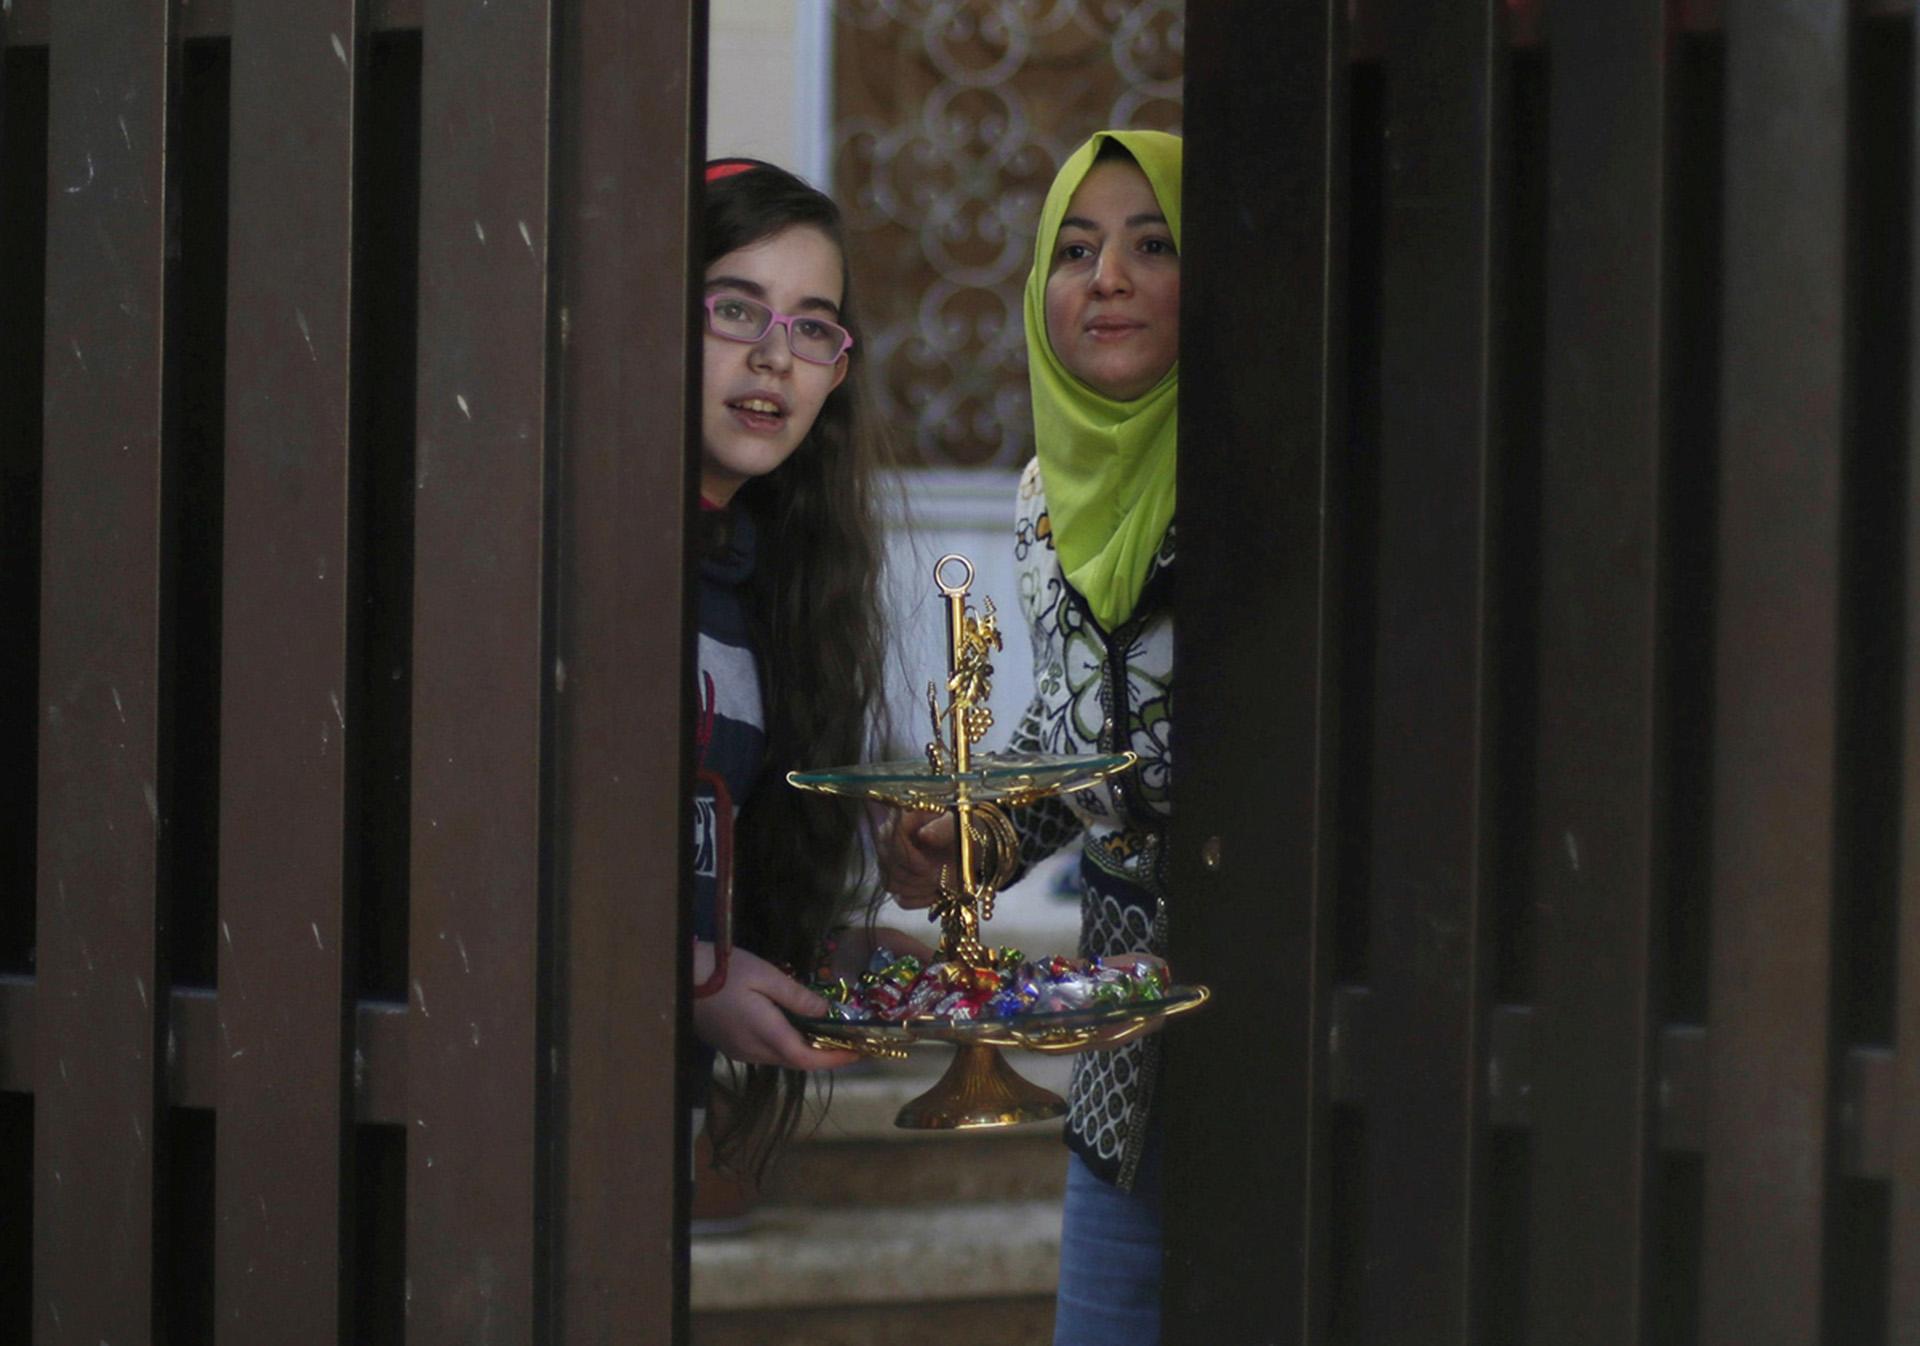 Civiles preparan dulces y golosinas para recibir a las fuerzas de seguridadque entran el distrito al Zirai(Reuters)